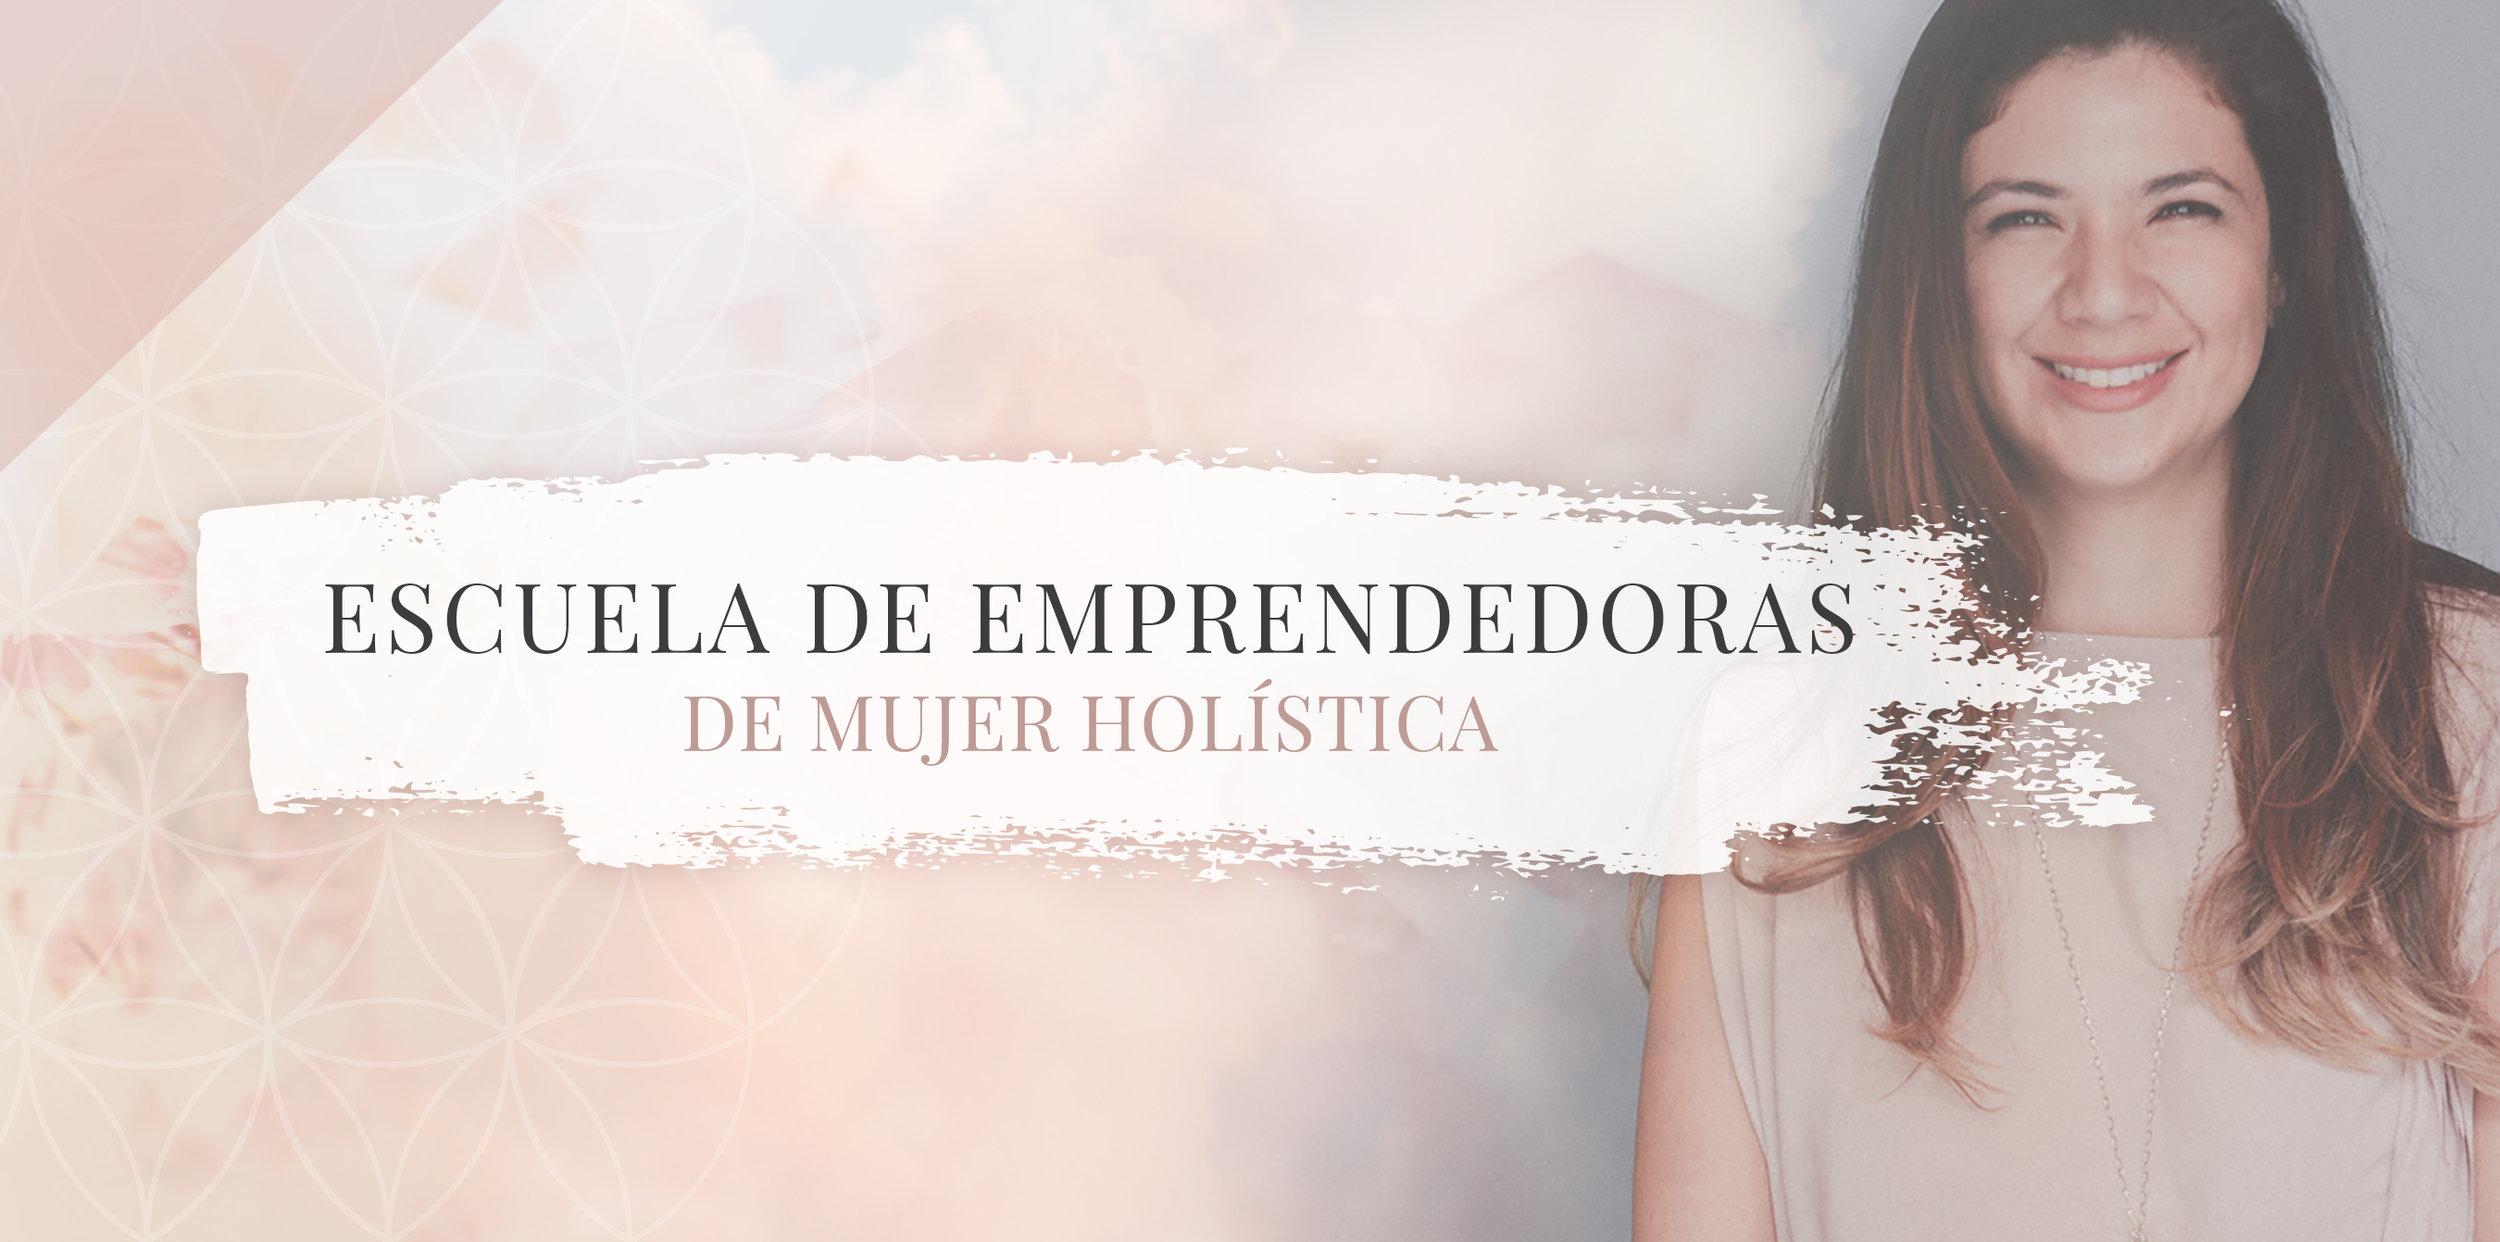 HEADER_ESCUELA.jpg